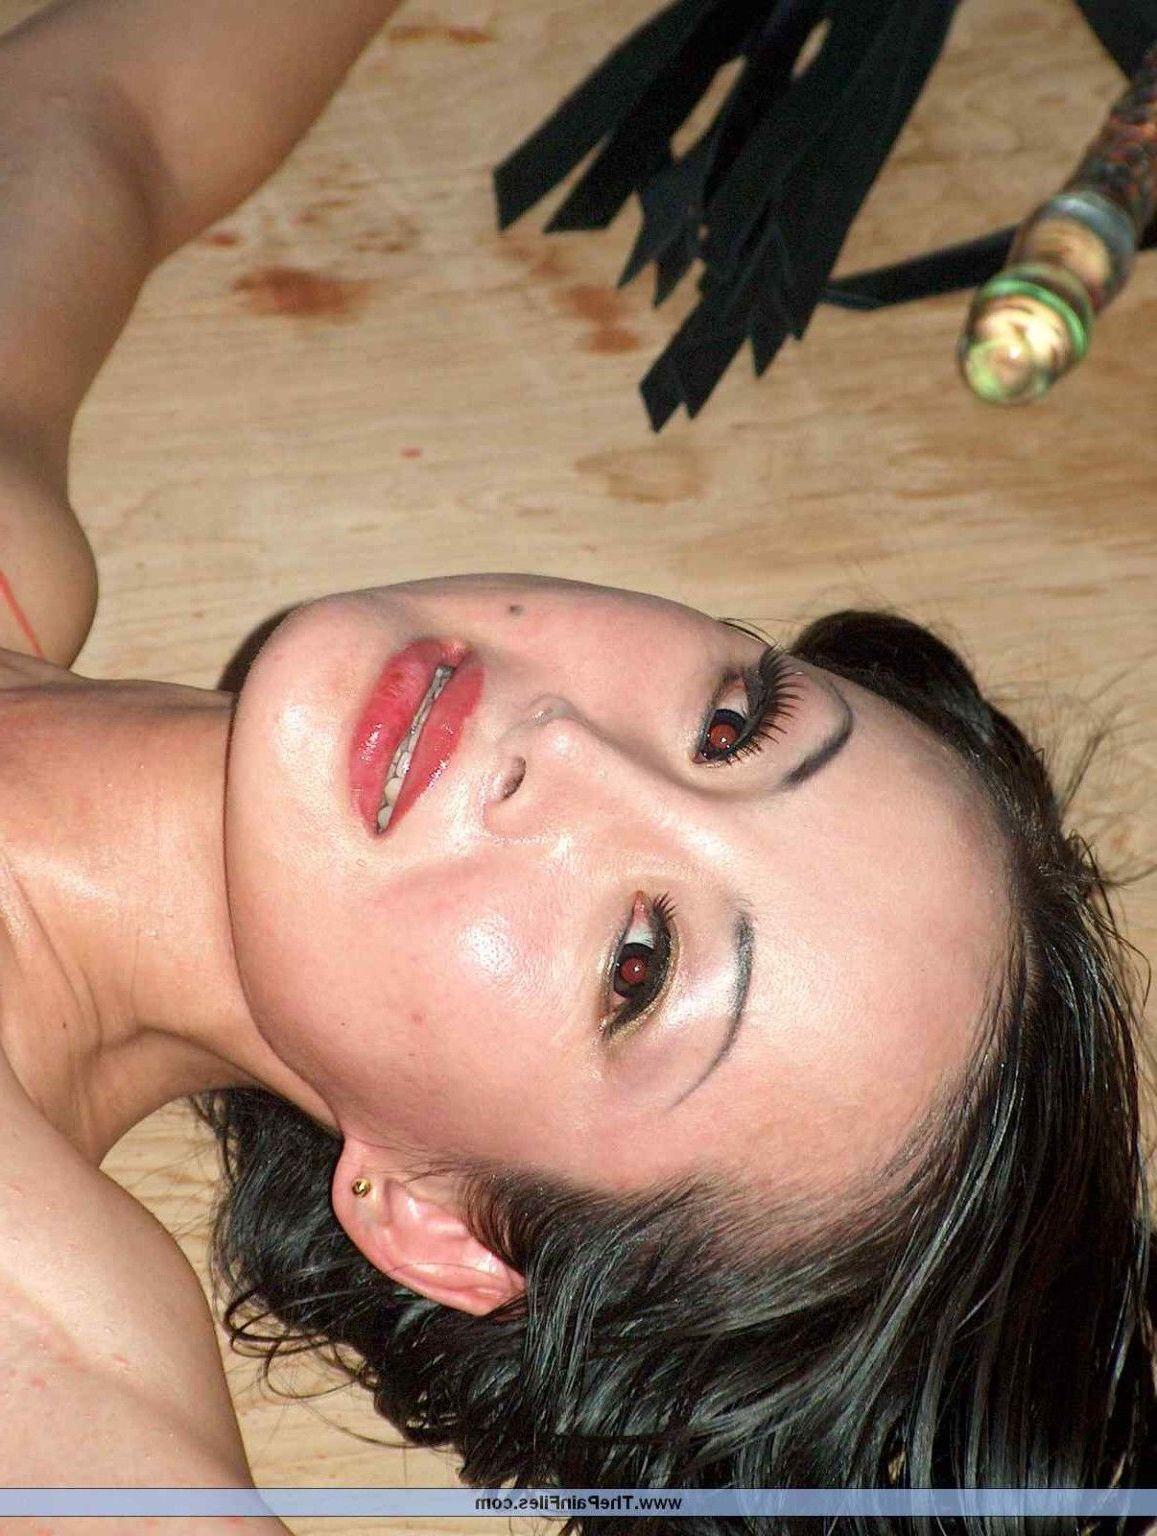 Angie Venus Porn Star Cumshots oriental pornstar ange venus strict subjection and damp wax